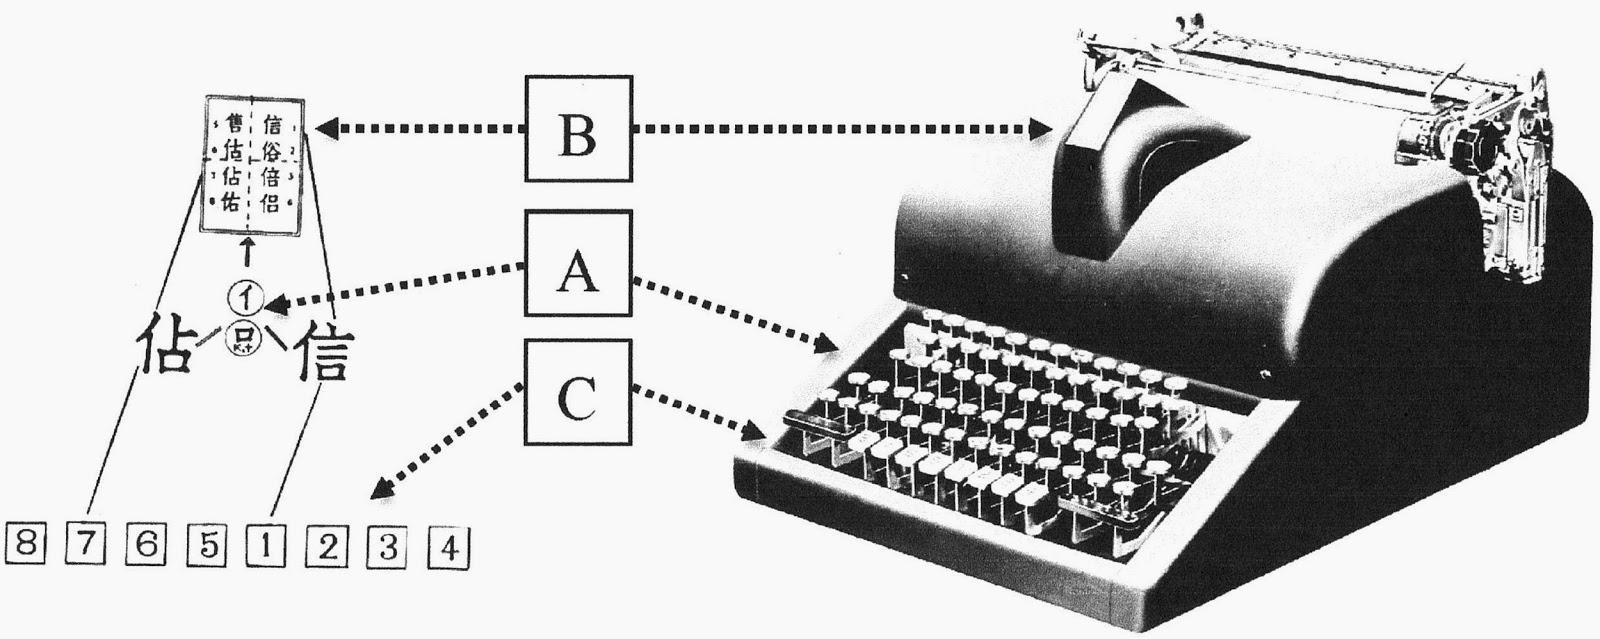 Китайская пишущая машинка — анекдот, инженерный шедевр, символ - 26